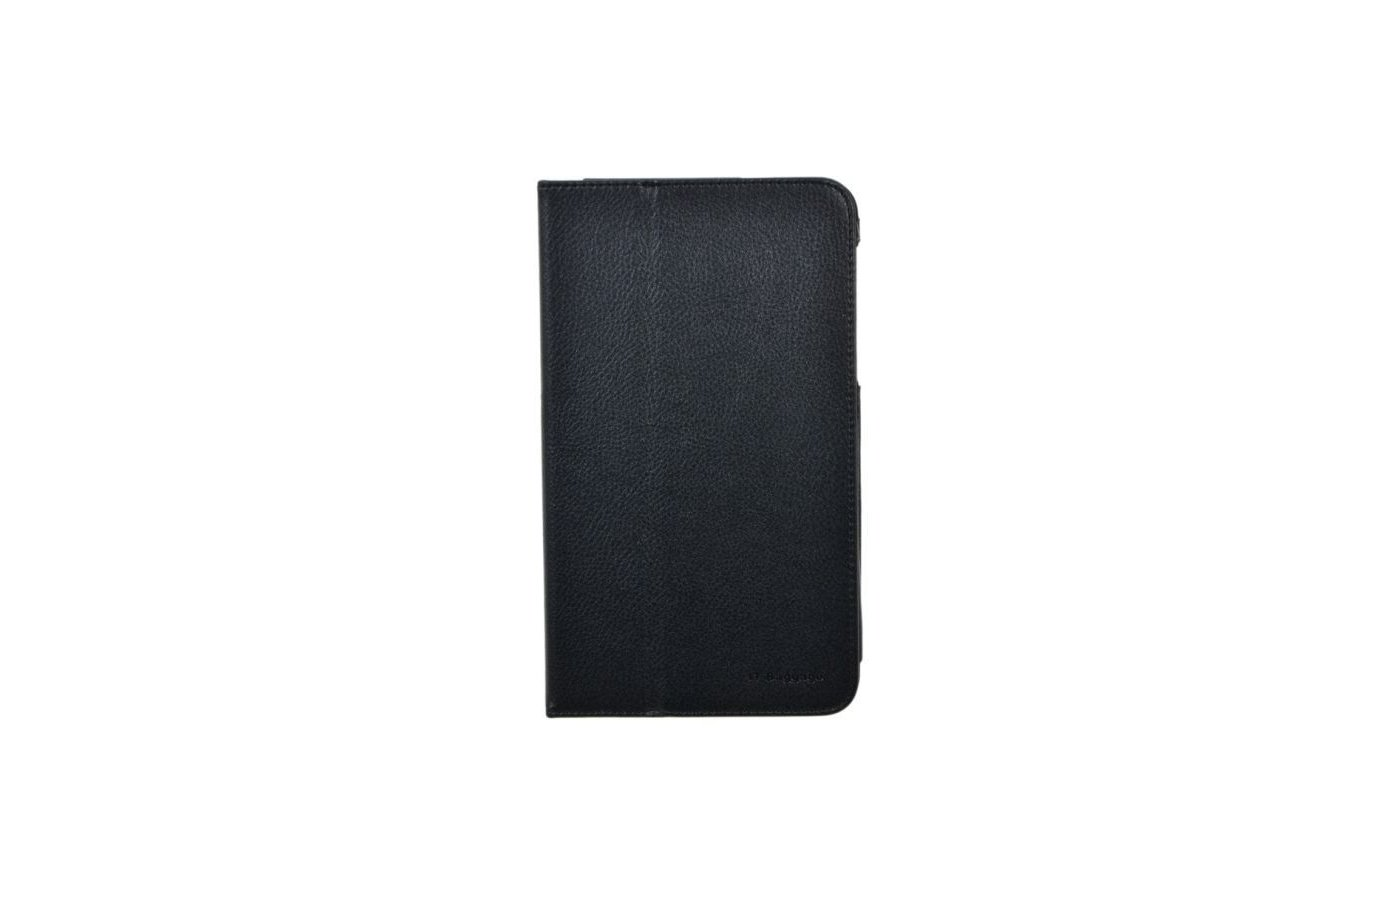 Чехол для планшетного ПК IT BAGGAGE для ASUS Fonepad 8 FE380 искус. кожа с функцией стенд черный ITASFP802-1